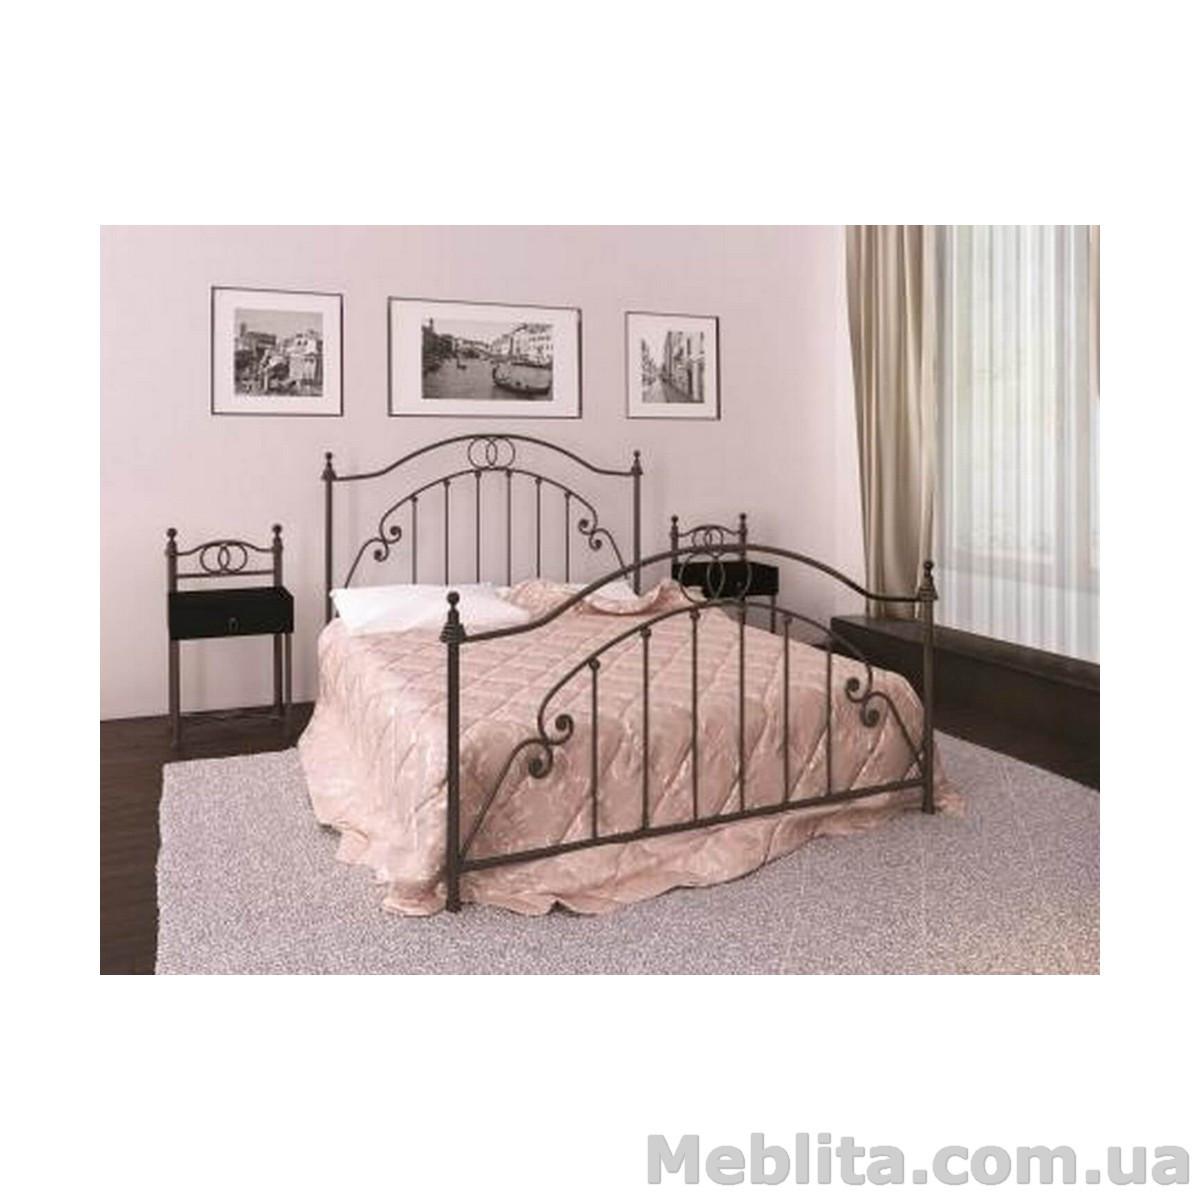 Кровать Флоренция 160х190 см. Металл-Дизайн